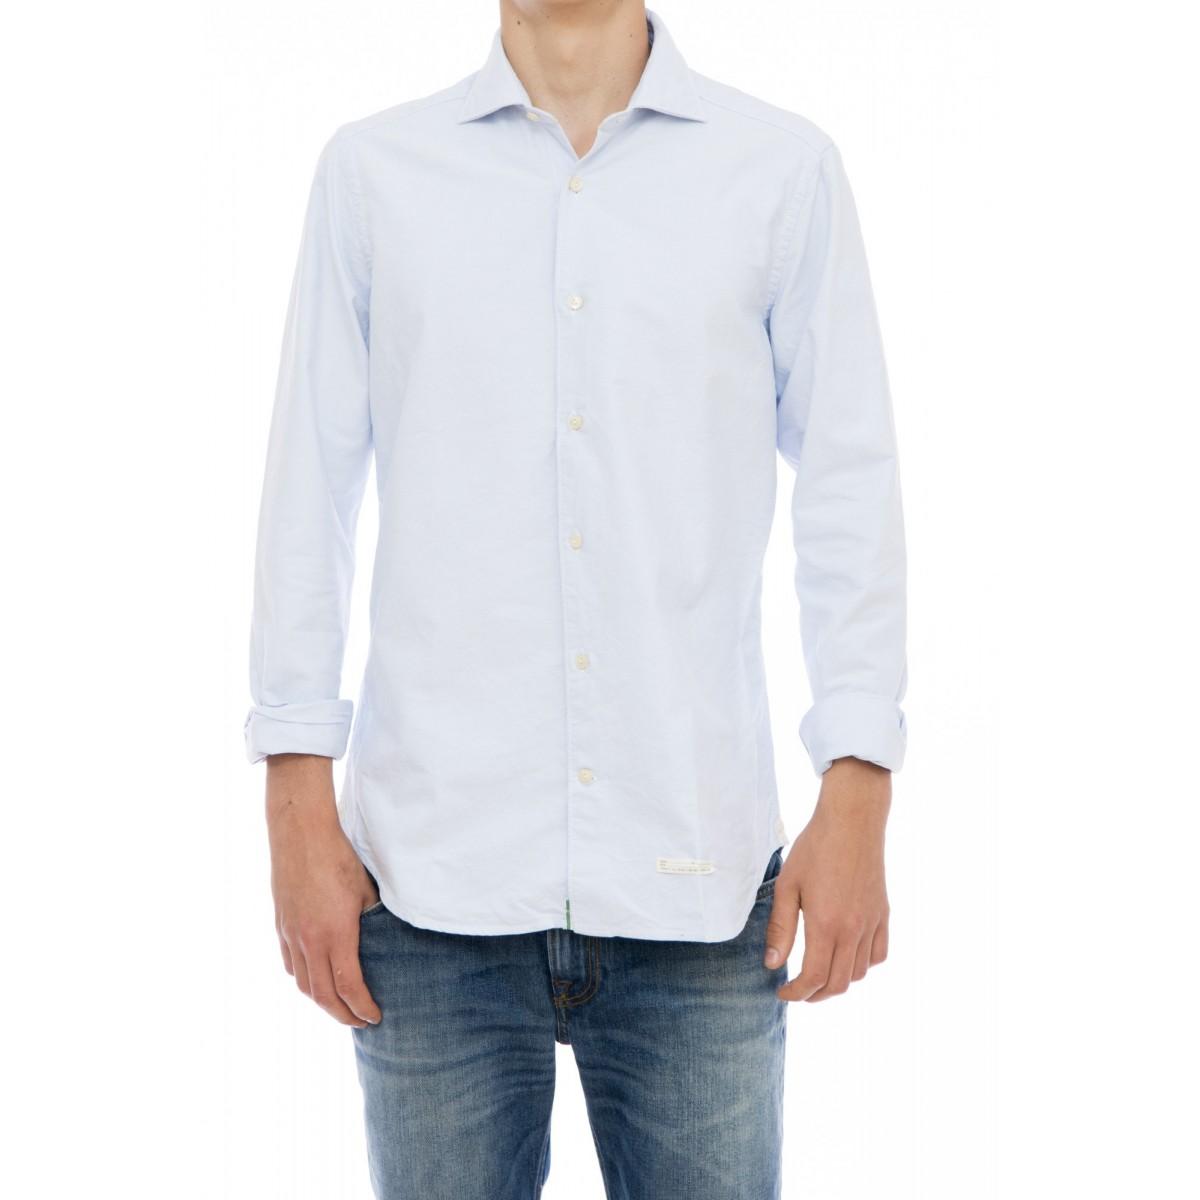 Camicia uomo Tintoria mattei 954 - Ol3 njw oxford